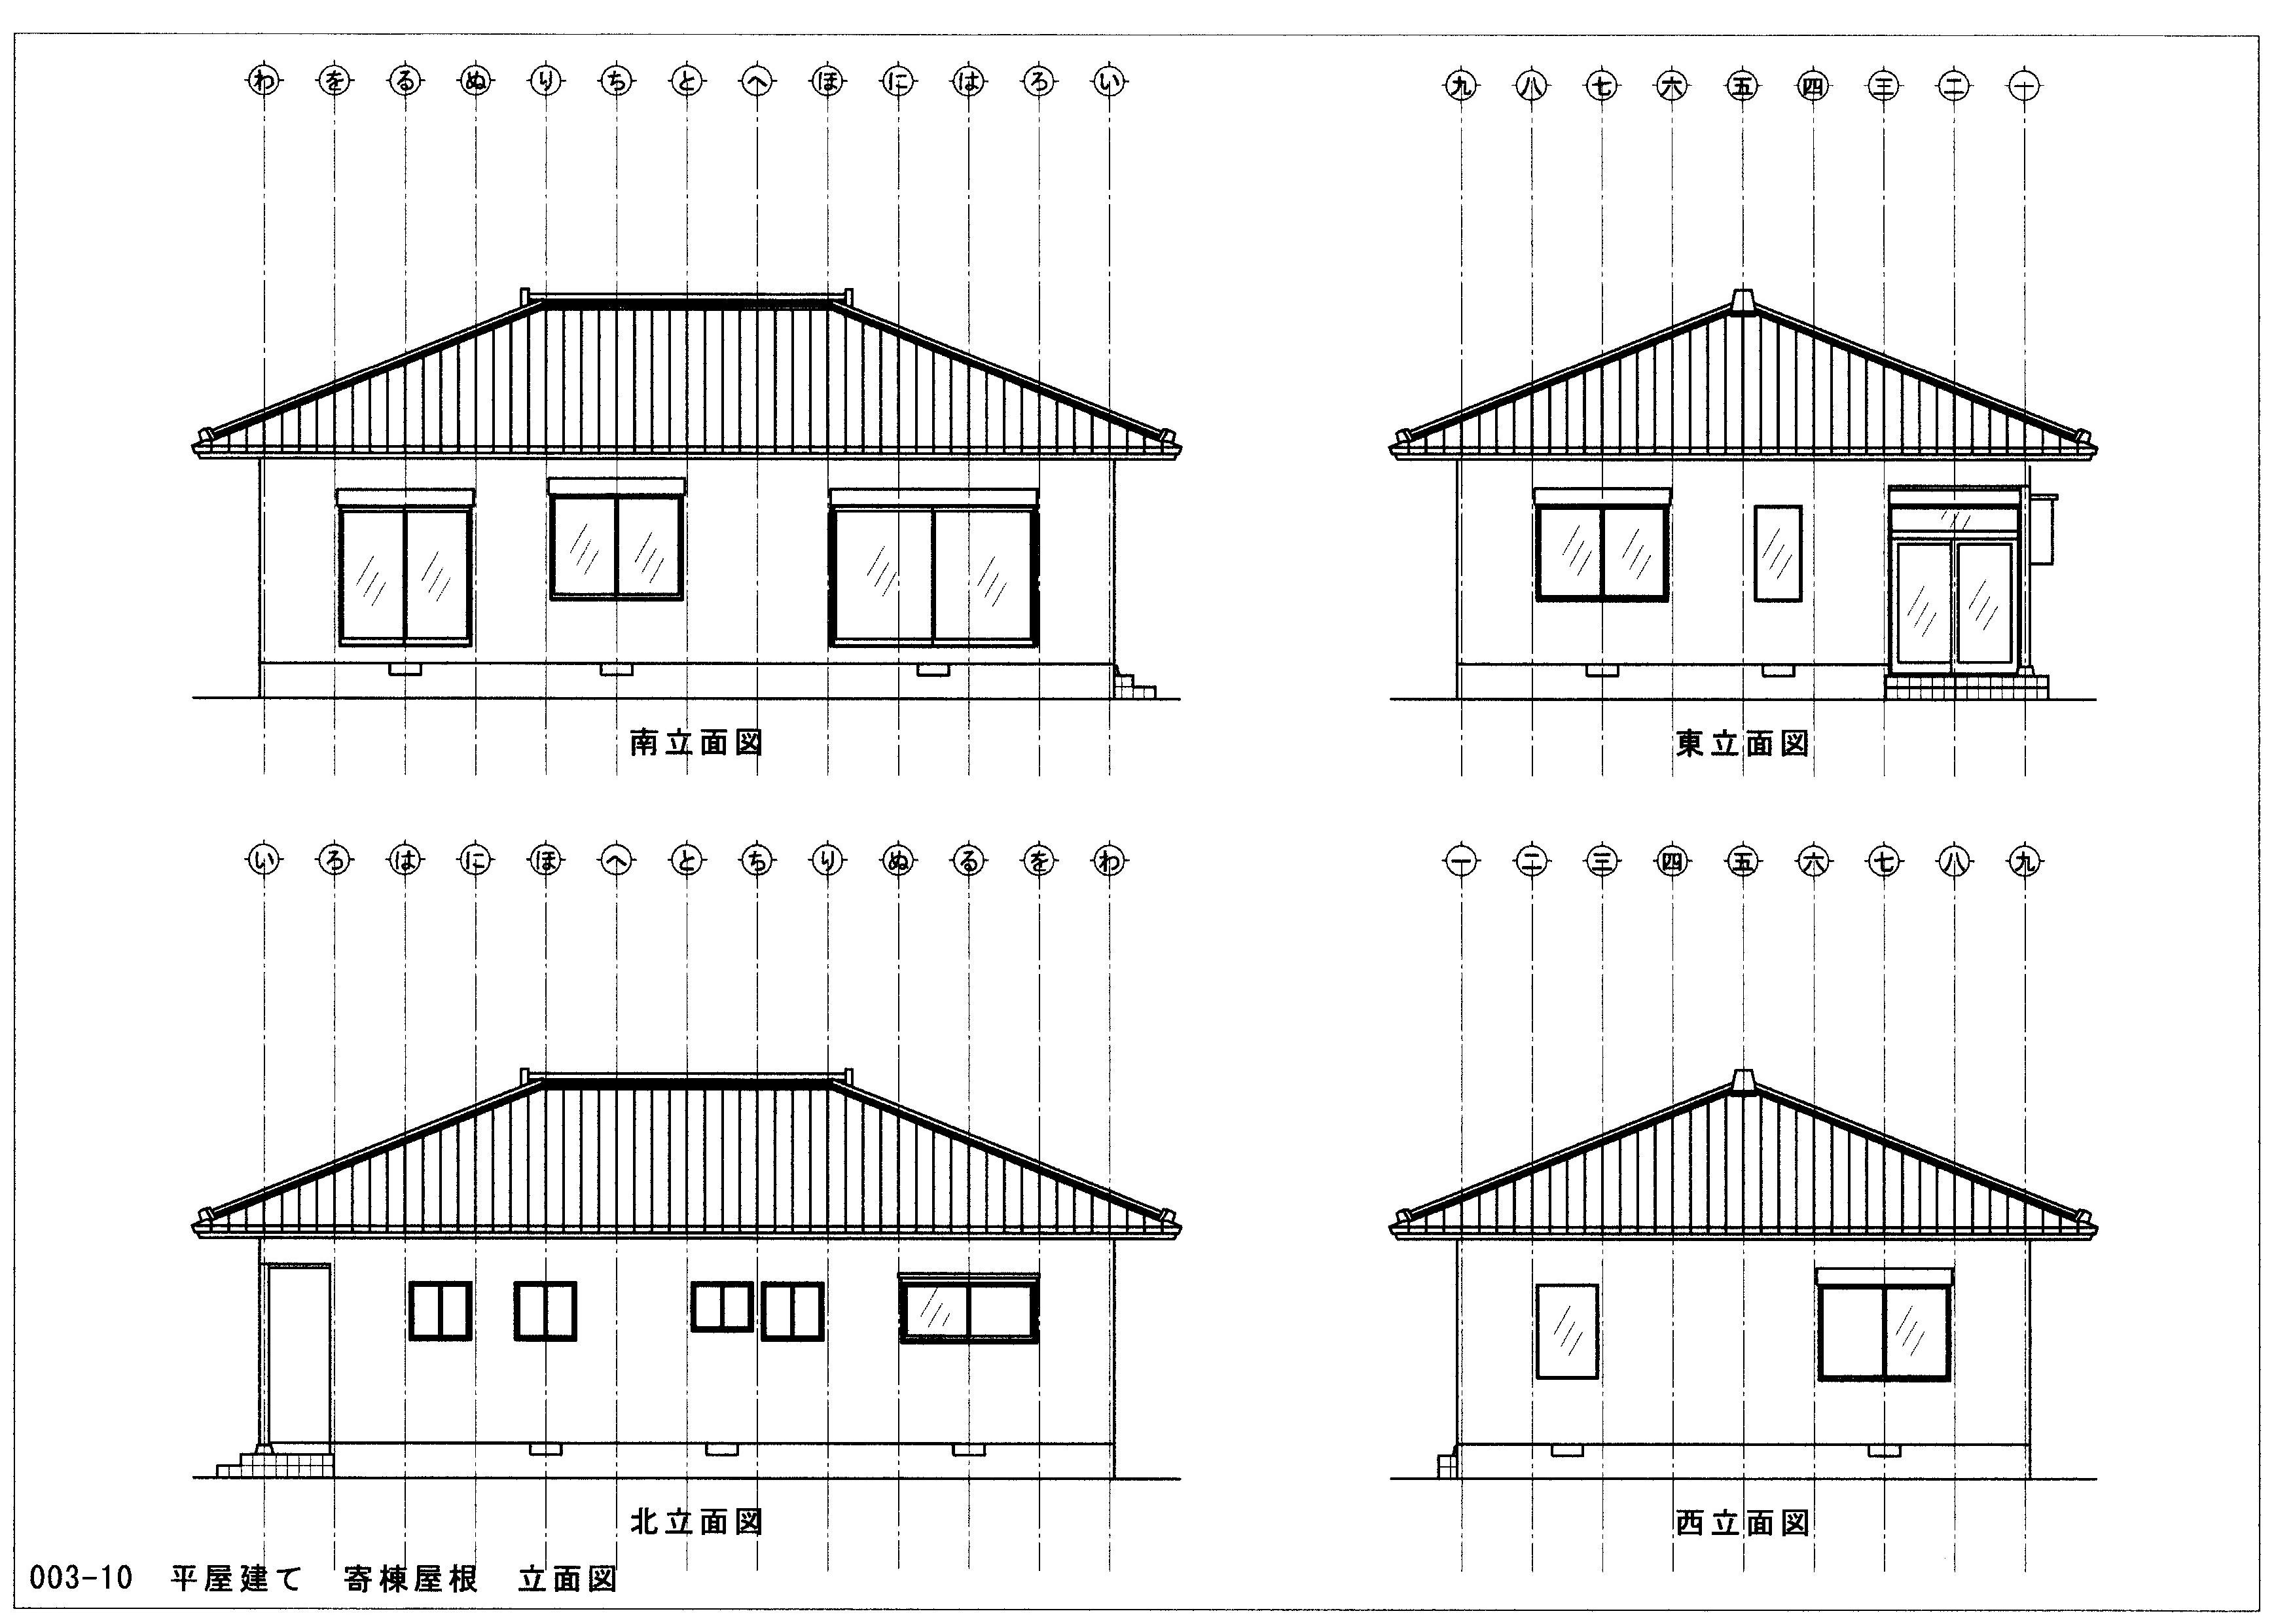 平屋 寄棟屋根 断面図 の画像検索結果 寄棟屋根 寄棟 屋根